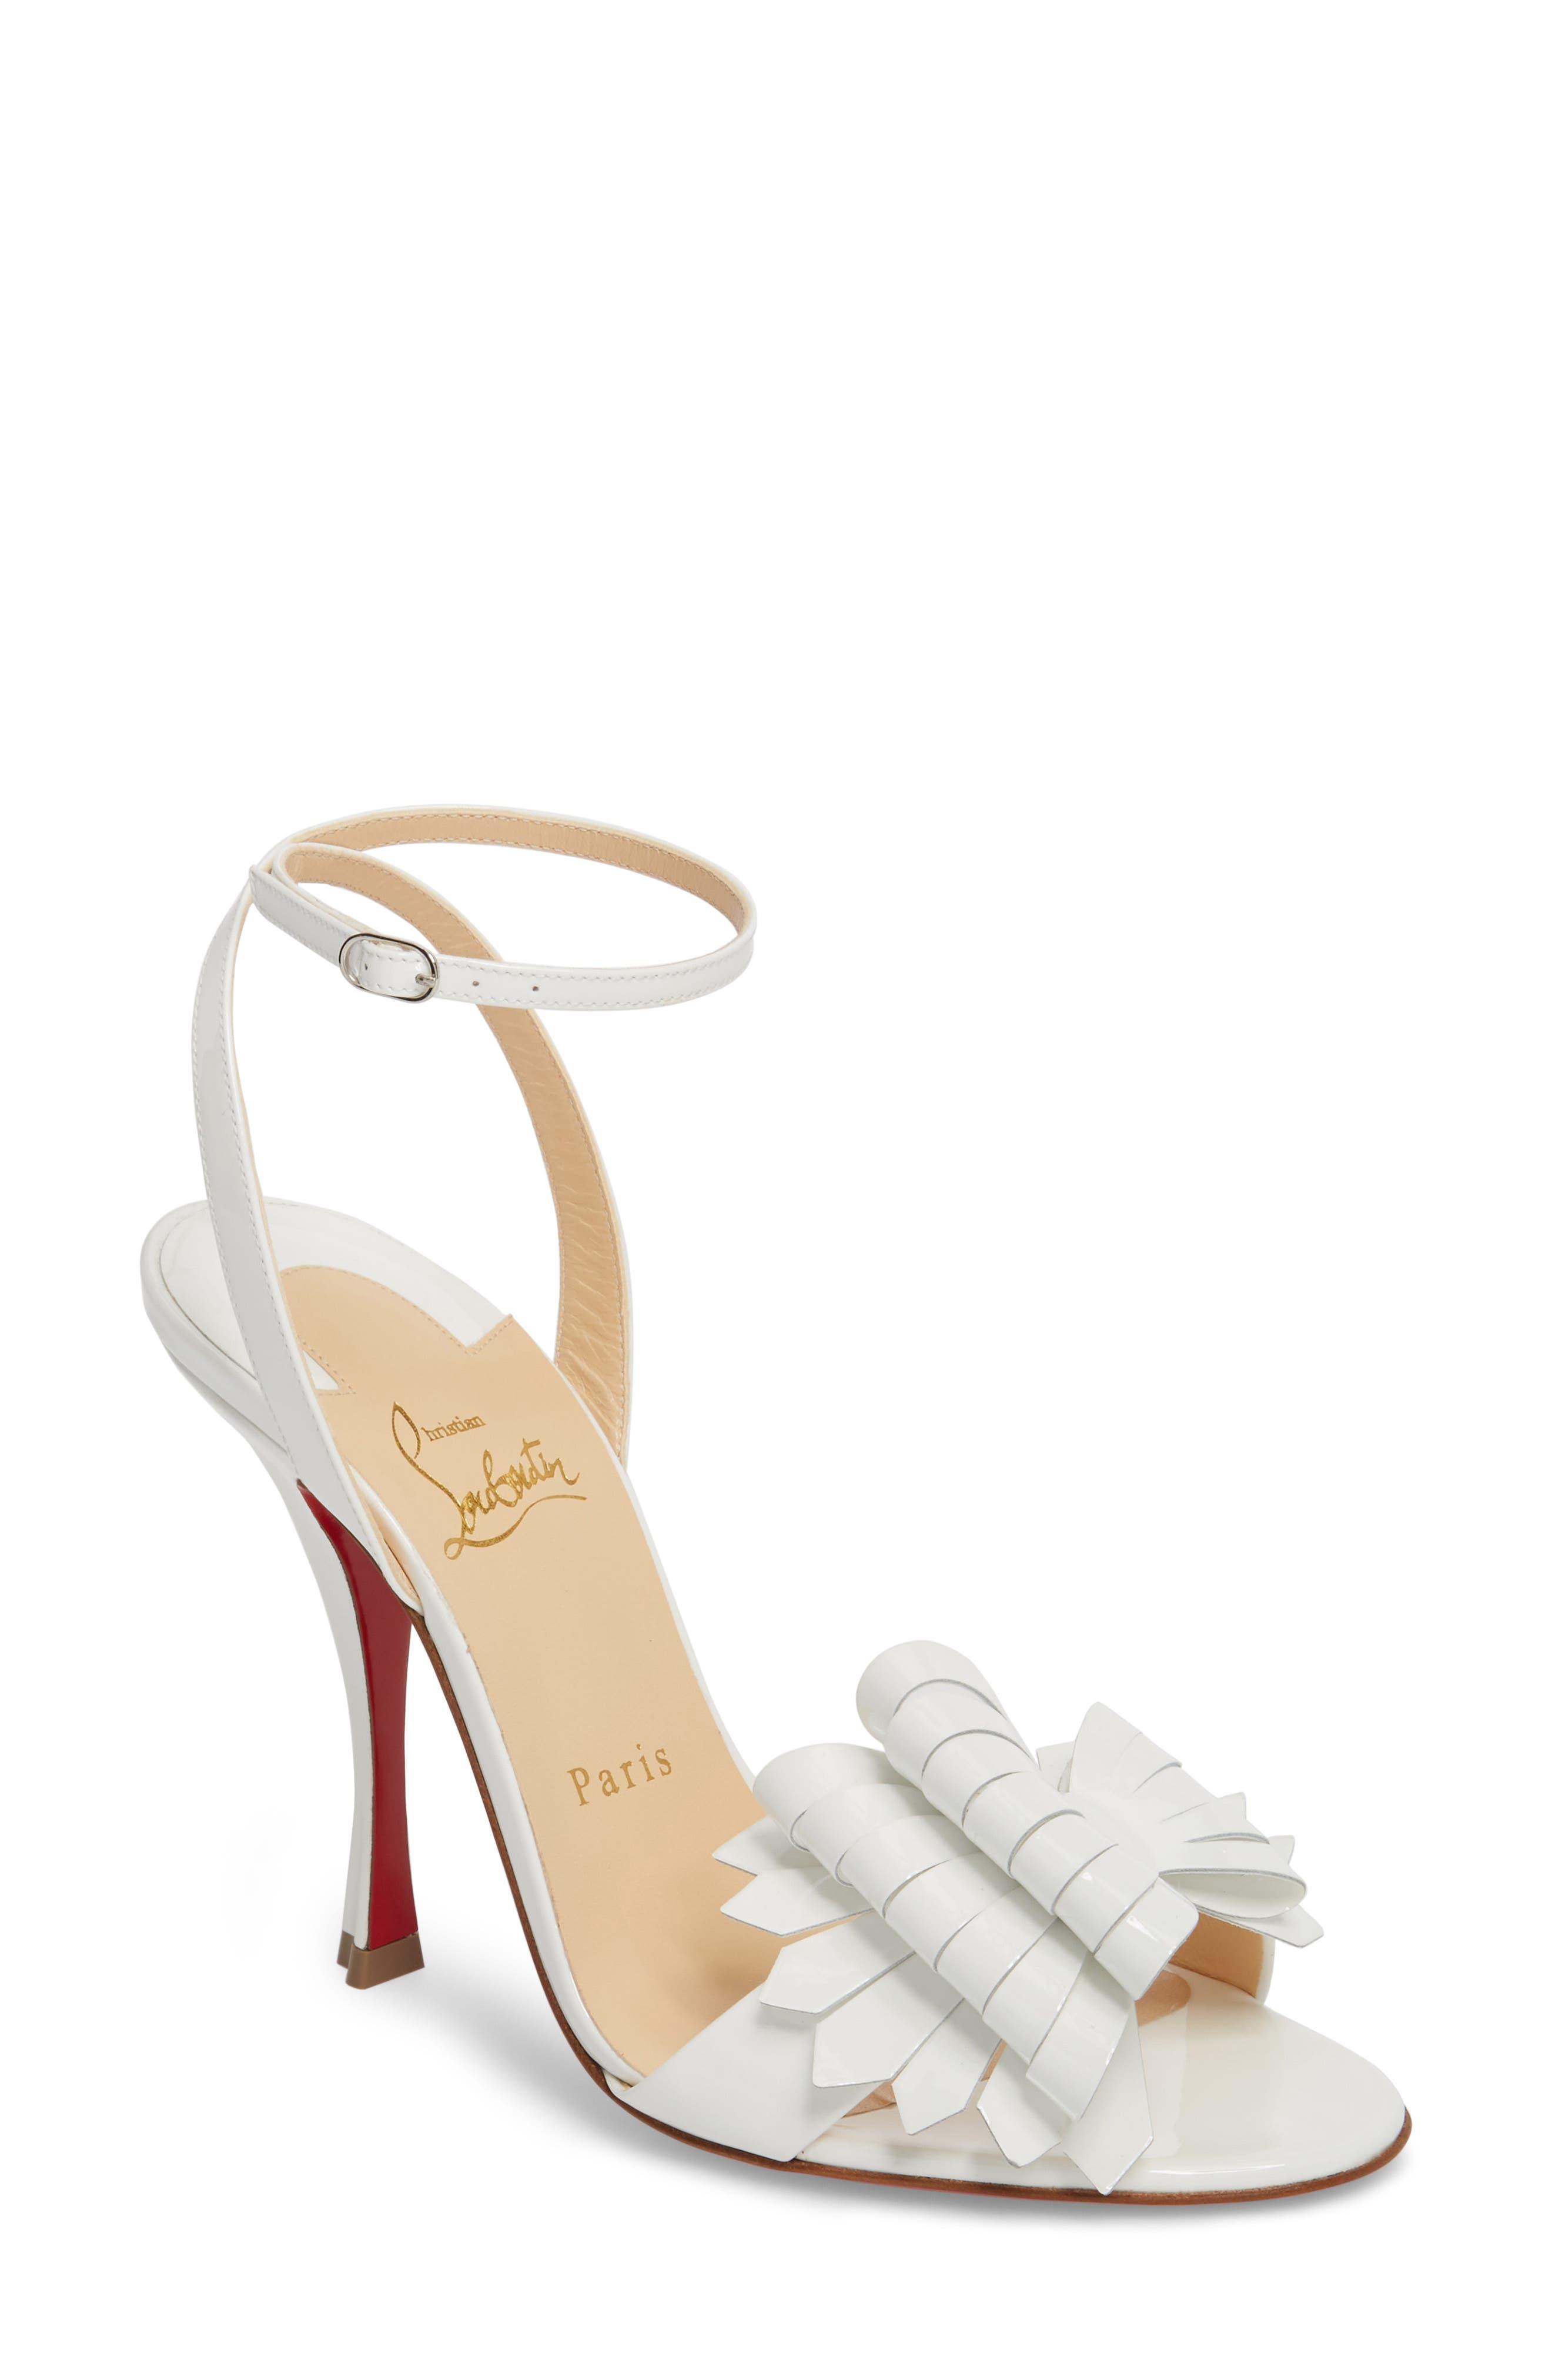 Miss Valois Bow Sandal,                         Main,                         color, 112